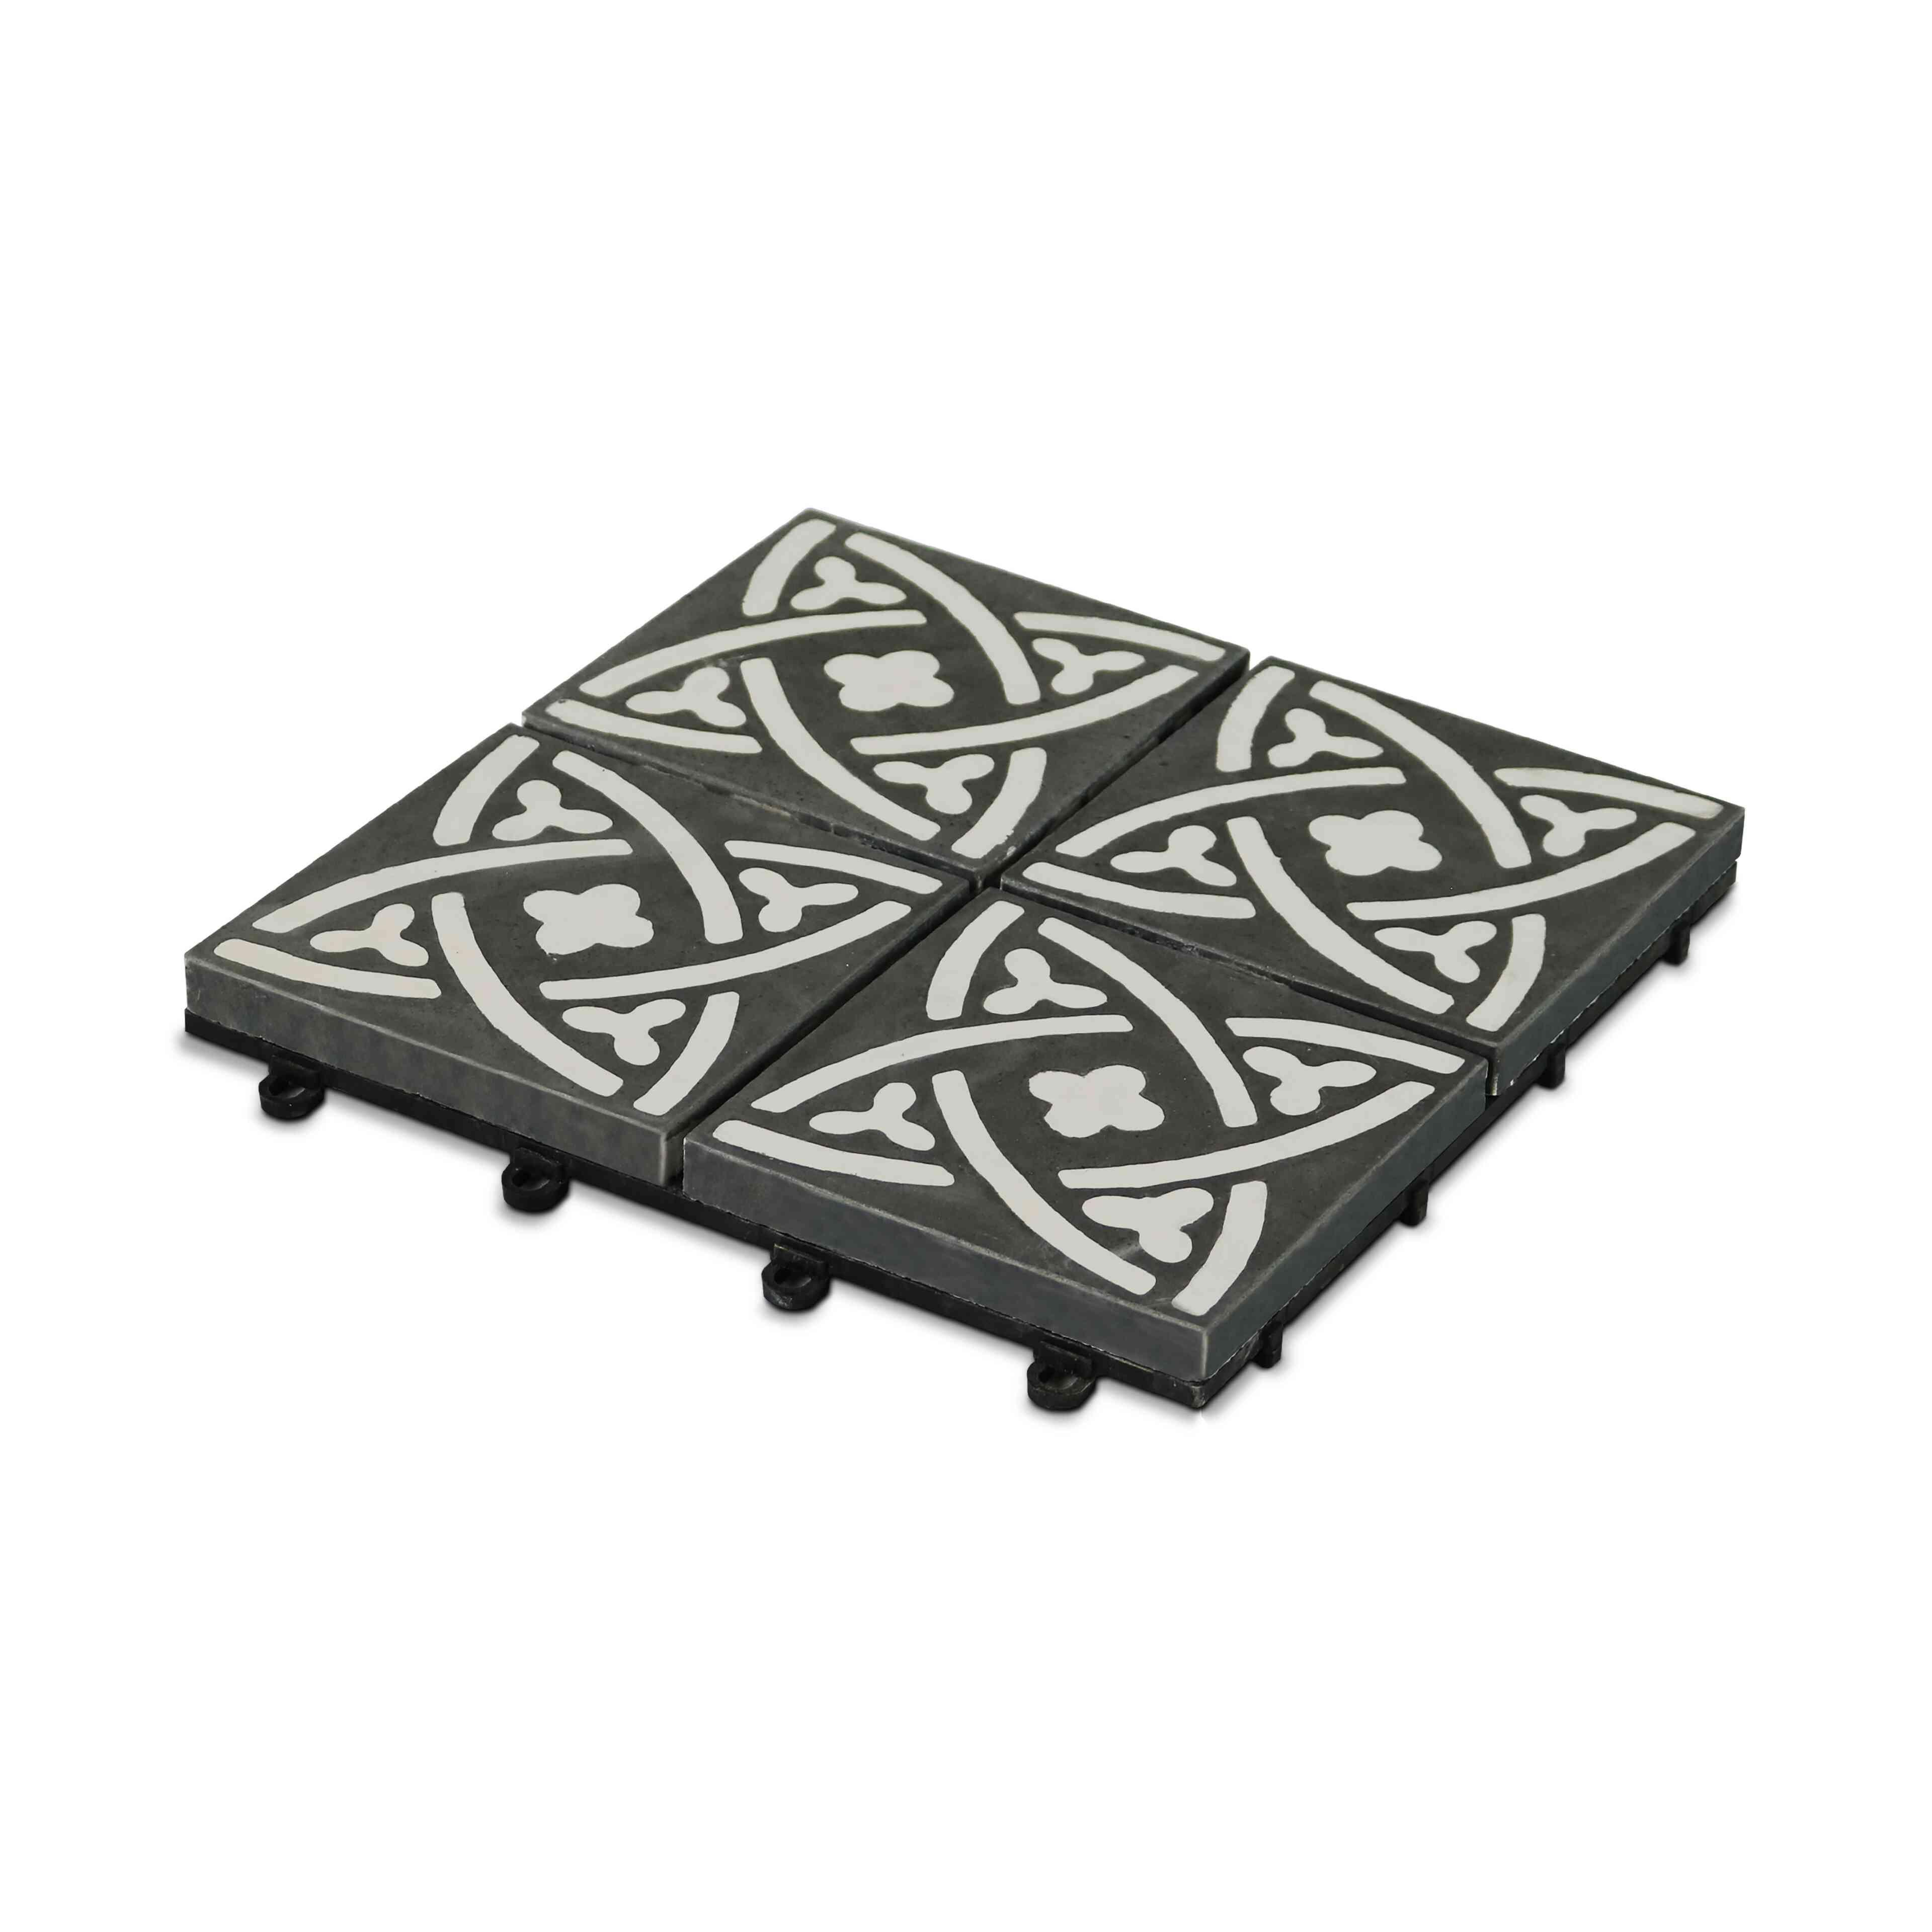 Epaisseur Carreau De Ciment dalle terrasse carreau ciment clipsable | oviala